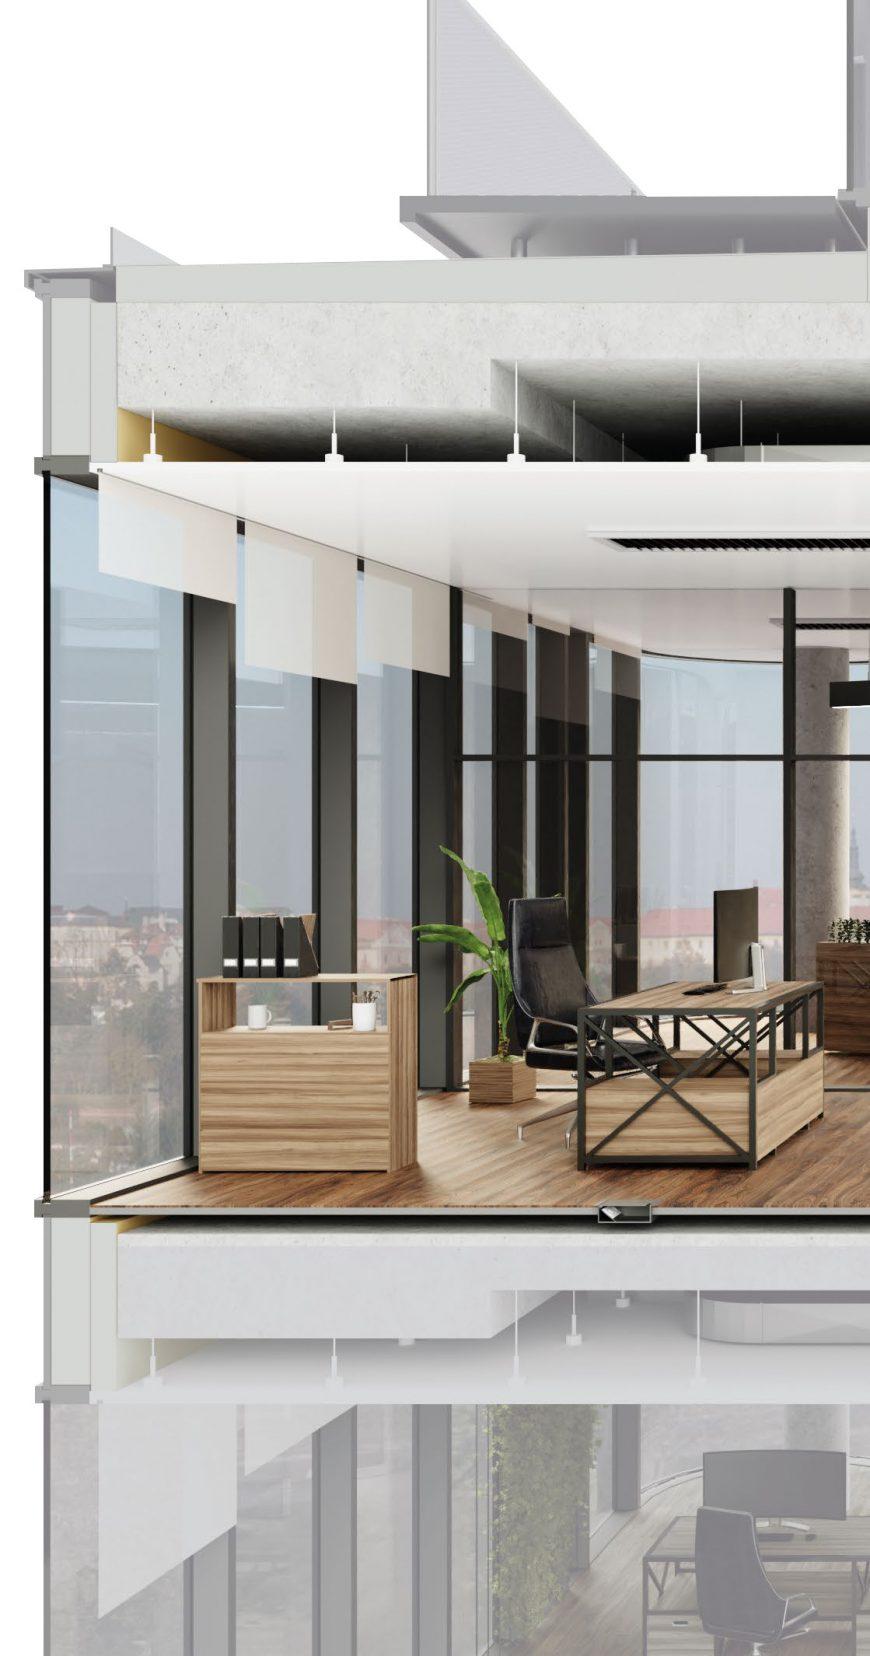 Budova disponuje špičkovými technologiemi pro dokonalé zázemí firem 21. století.